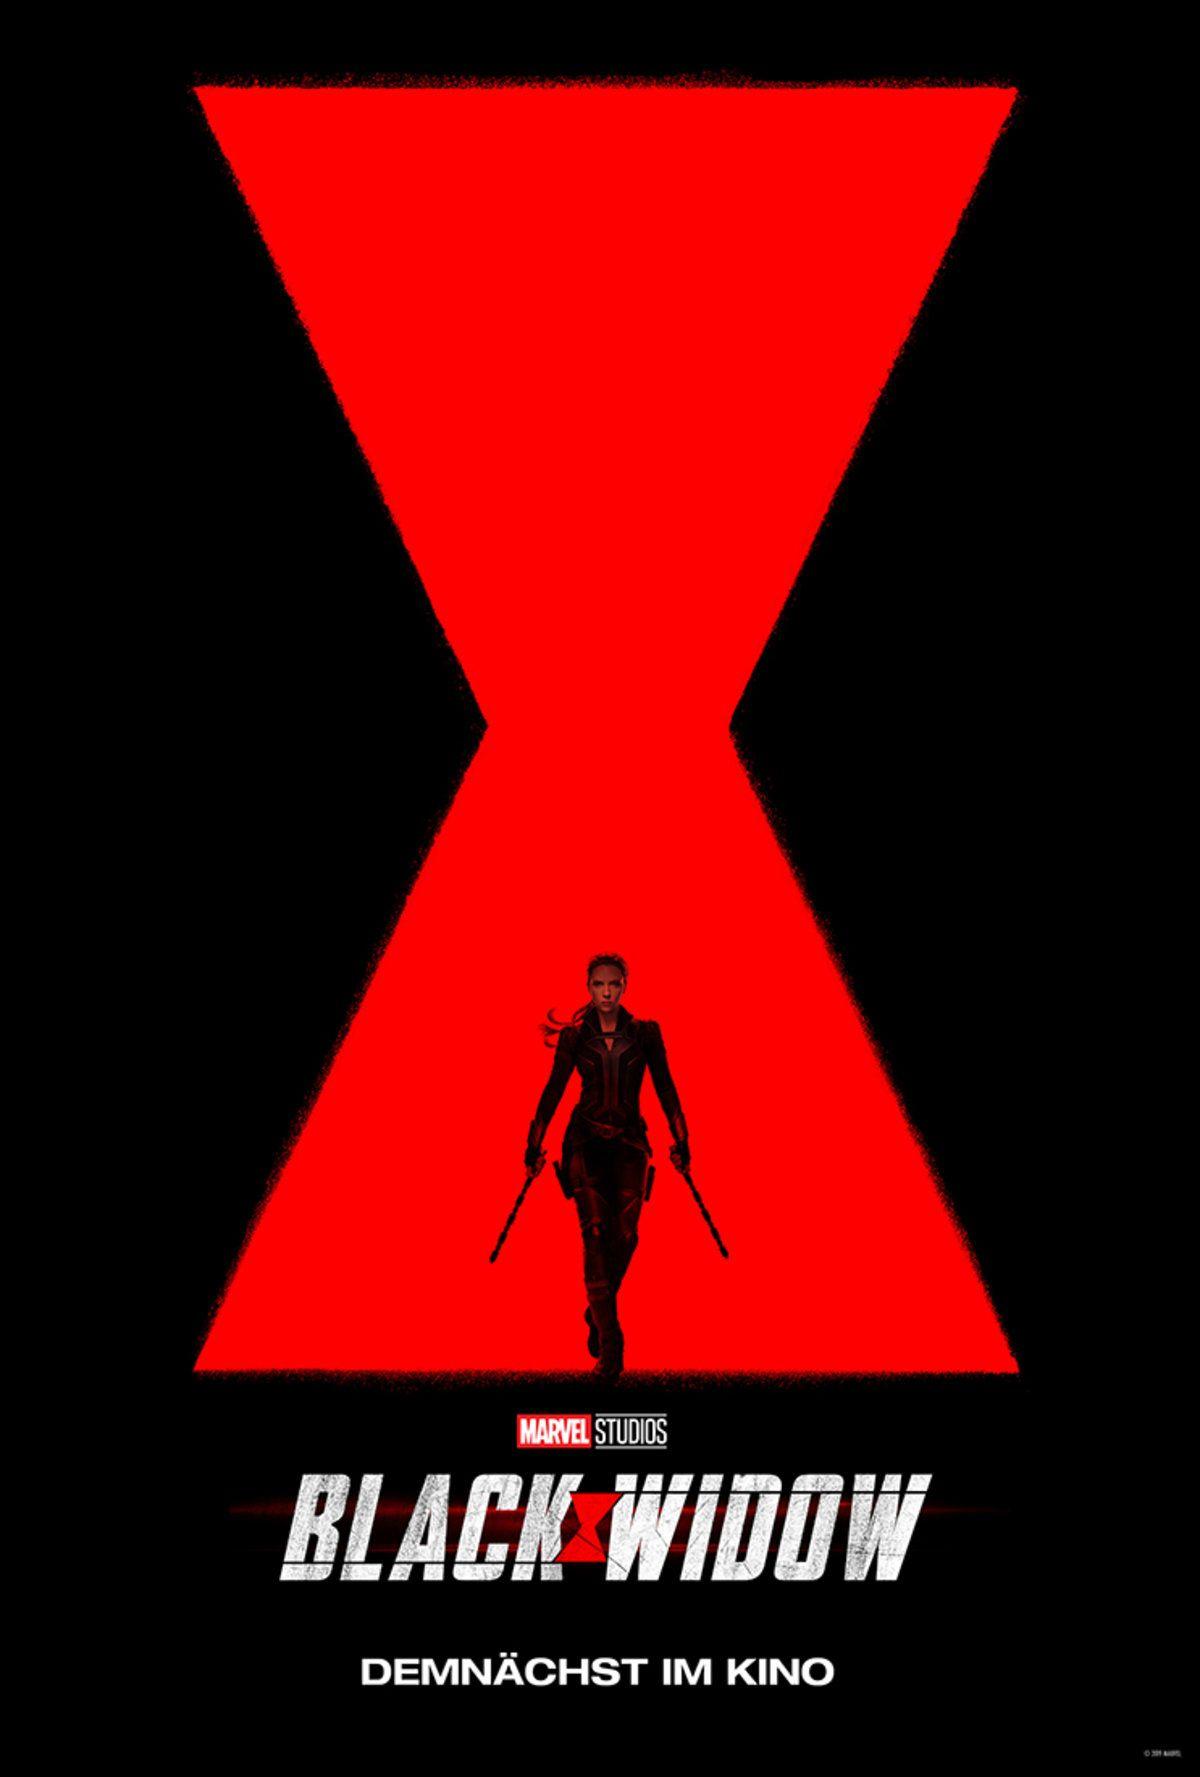 Das Kinoplakat zu Black Widows zeigt das rote Black Widow Symbol auf einem schwarzen Hintergrund und davor ist verkleinert Black Widow zu sehen